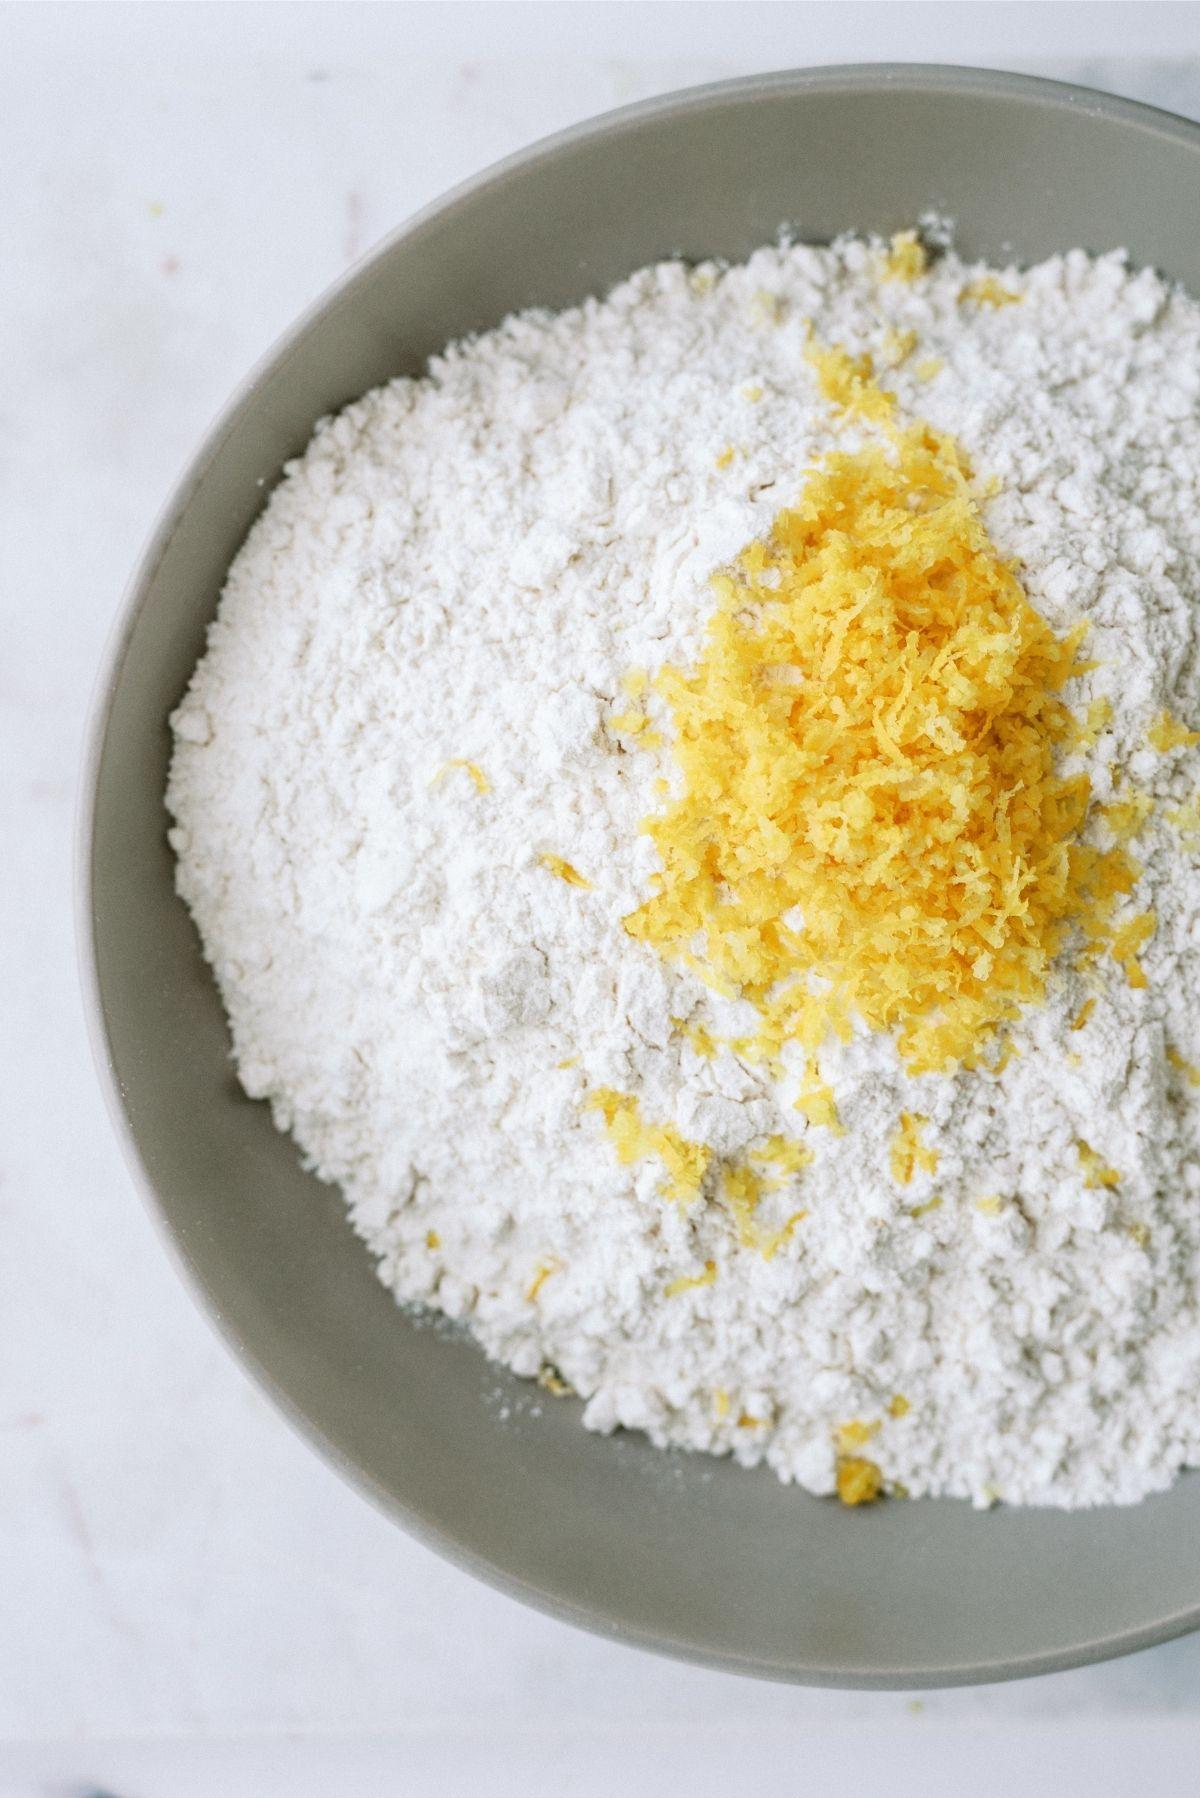 Flour and Lemon Zest in bowl